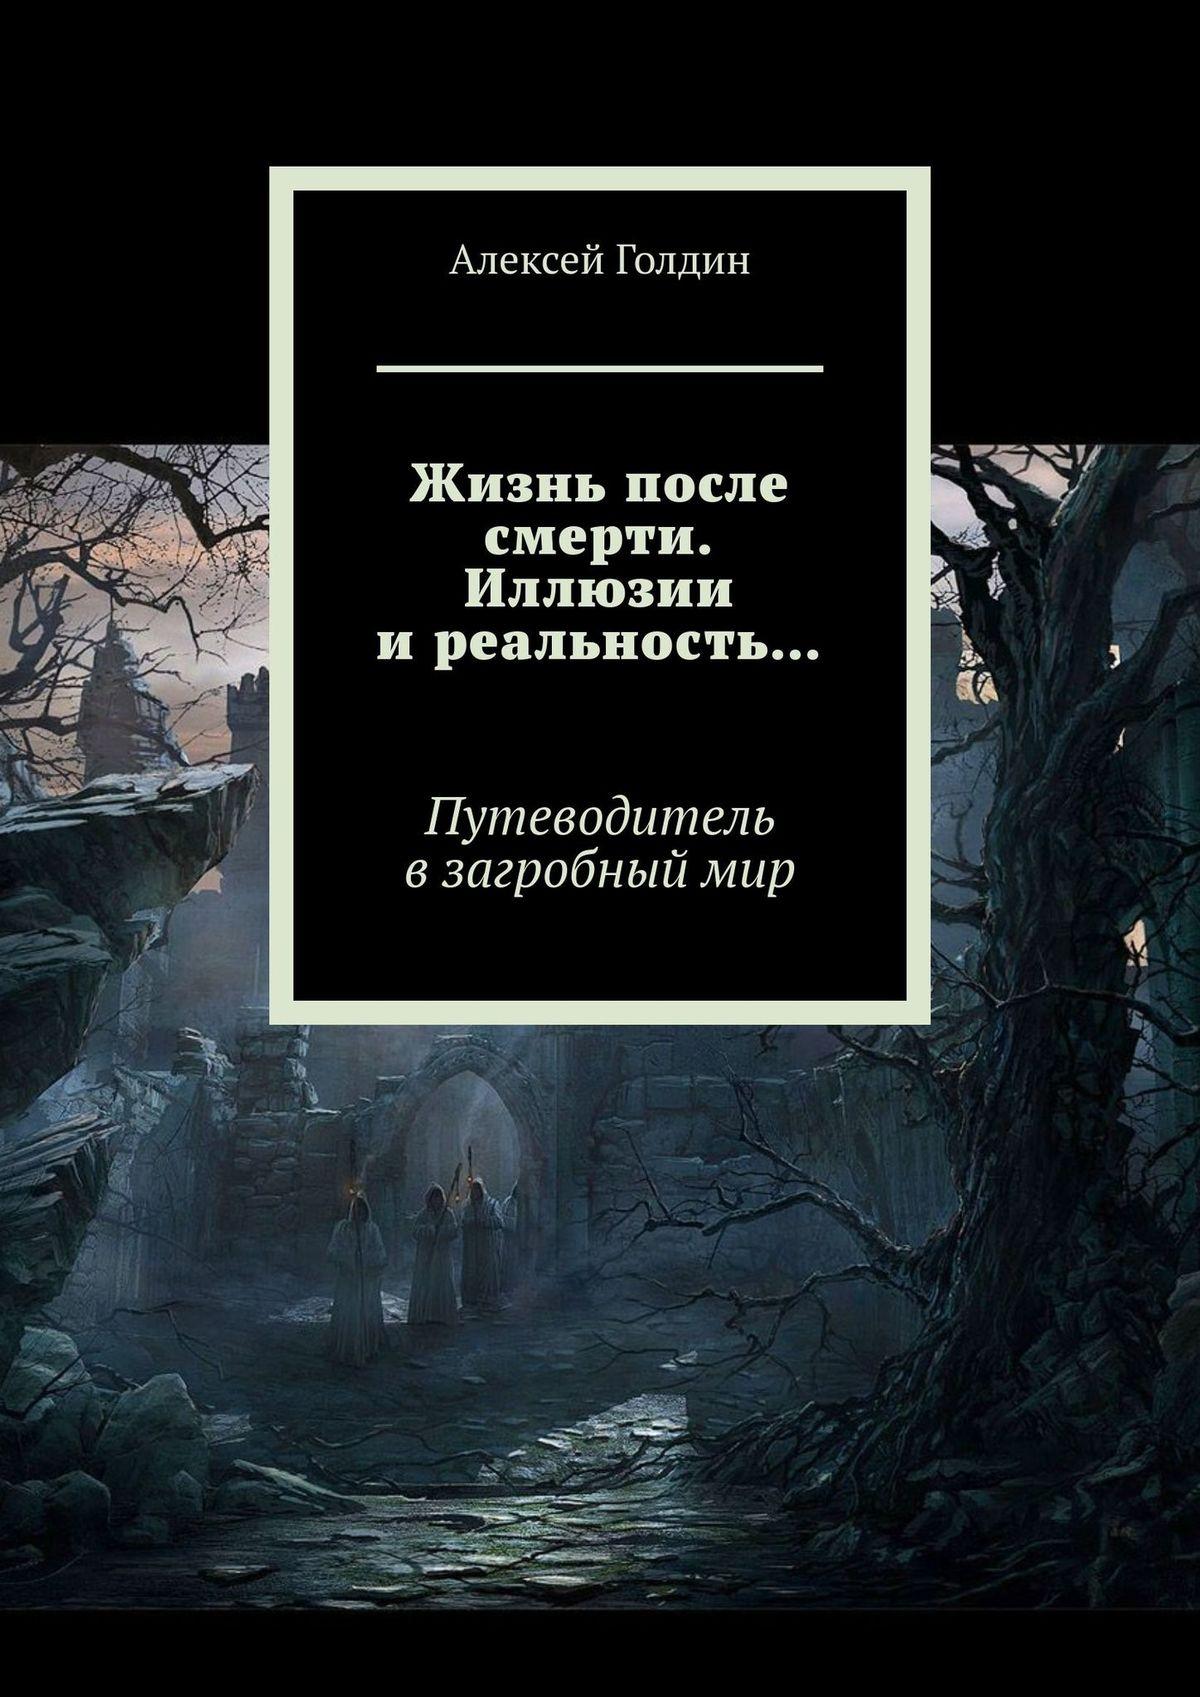 Алексей Голдин «Жизнь после смерти. Иллюзии иреальность…»